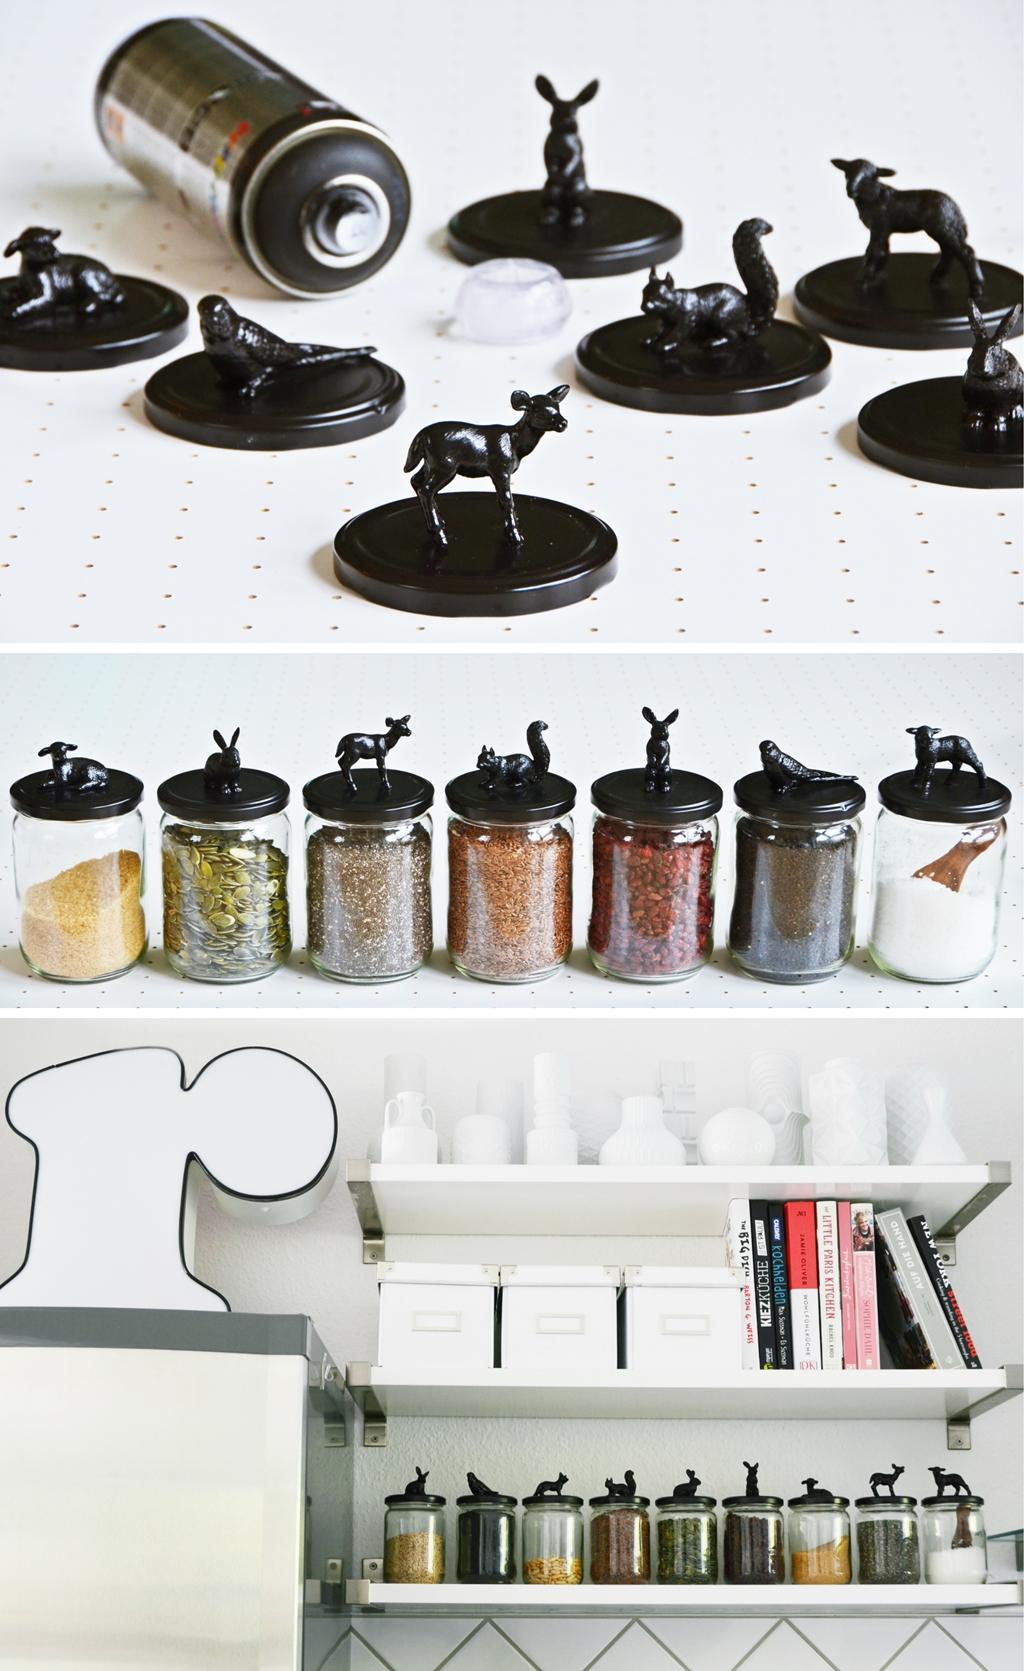 Full Size of Küche Aufbewahrung Vintage Küche Aufbewahrung Edelstahl Plastikfreie Küche Aufbewahrung Küche Aufbewahrung Kunststoff Küche Küche Aufbewahrung